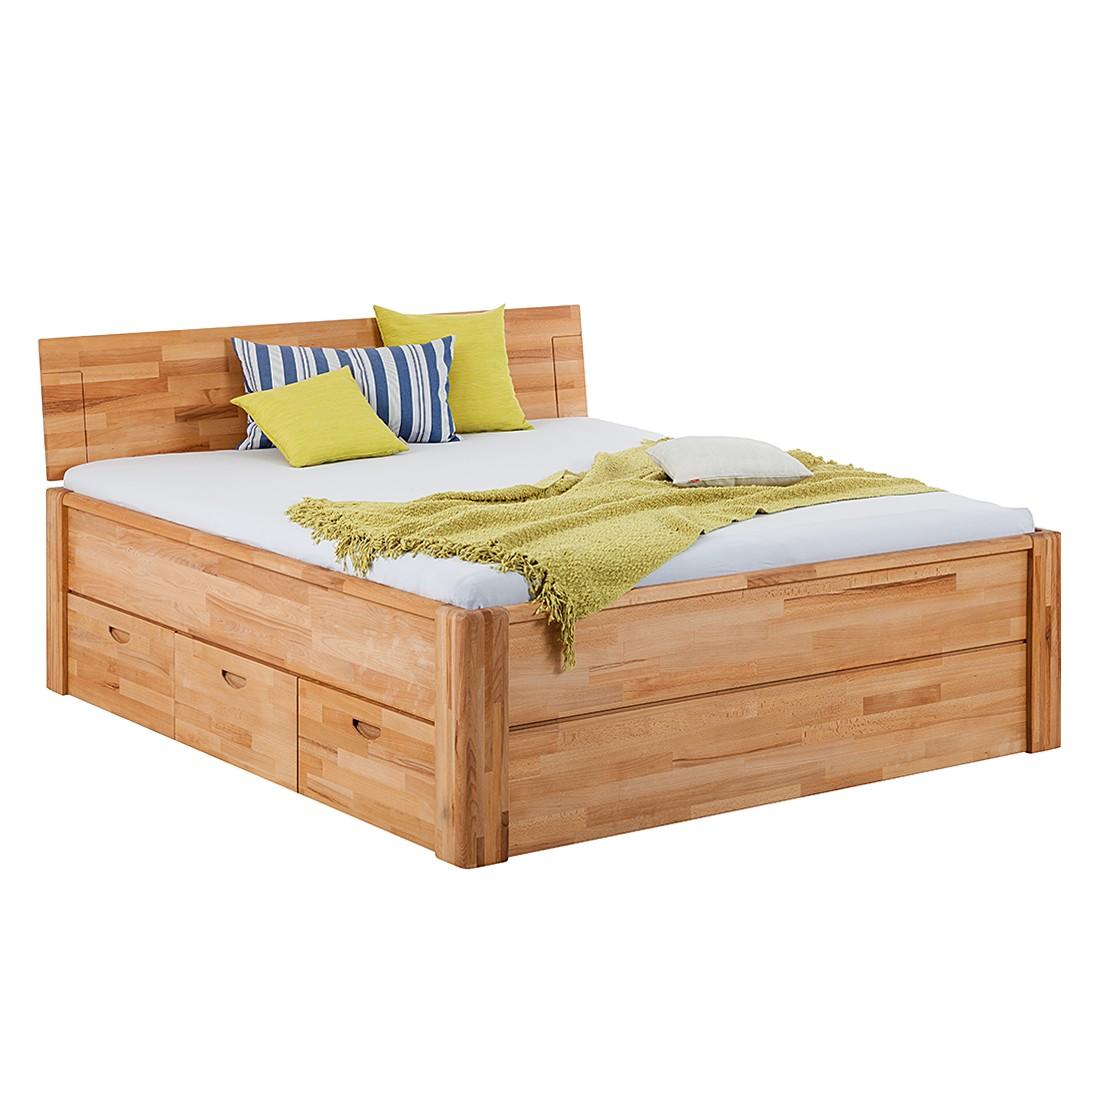 goedkoop Massief houten bed TiaWOOD incl. bedlades massief kernbeukenhout 200 x 200cm Ars Natura